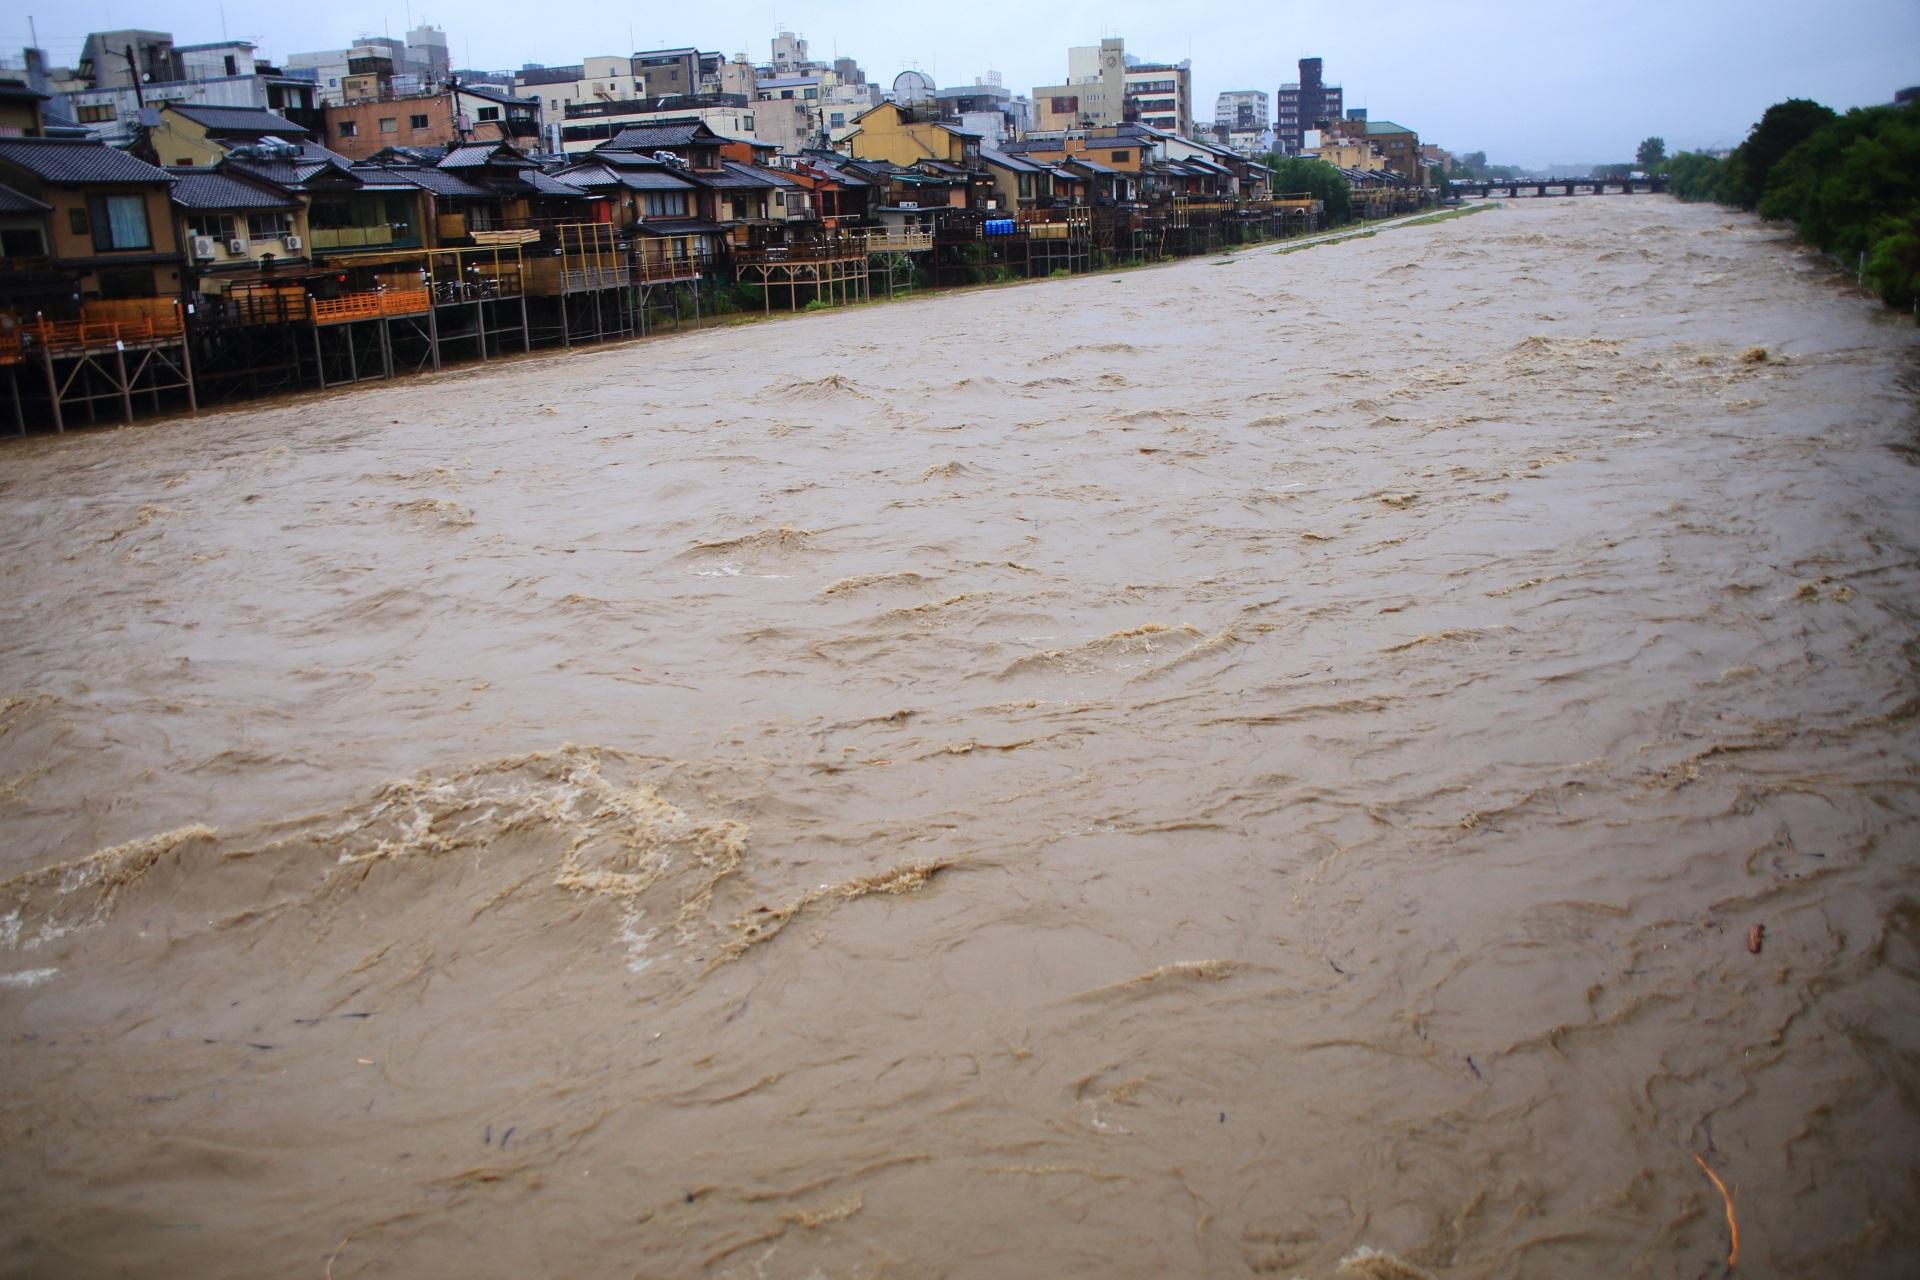 溢れる濁流で川床も水に浸かってしまいそうな激流の鴨川